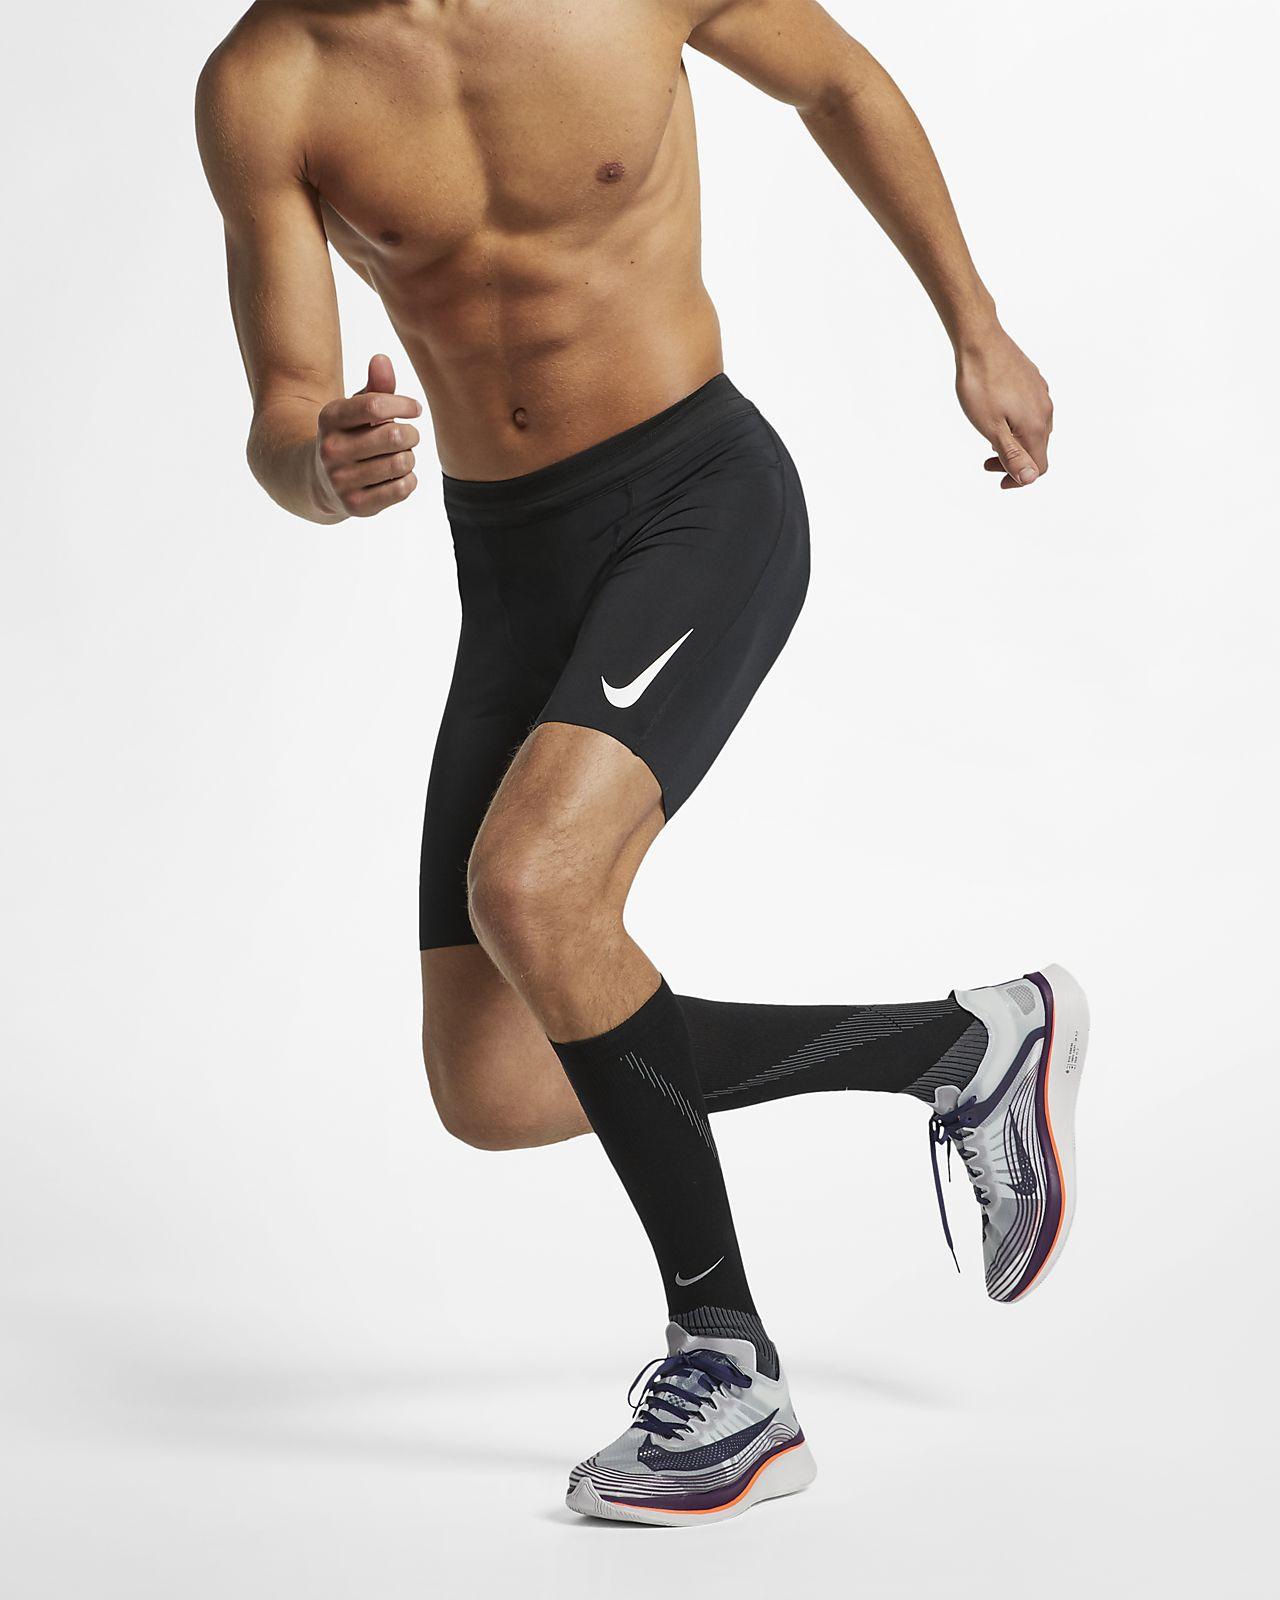 Nike AeroSwift félhosszú testhezálló férfi futónadrág